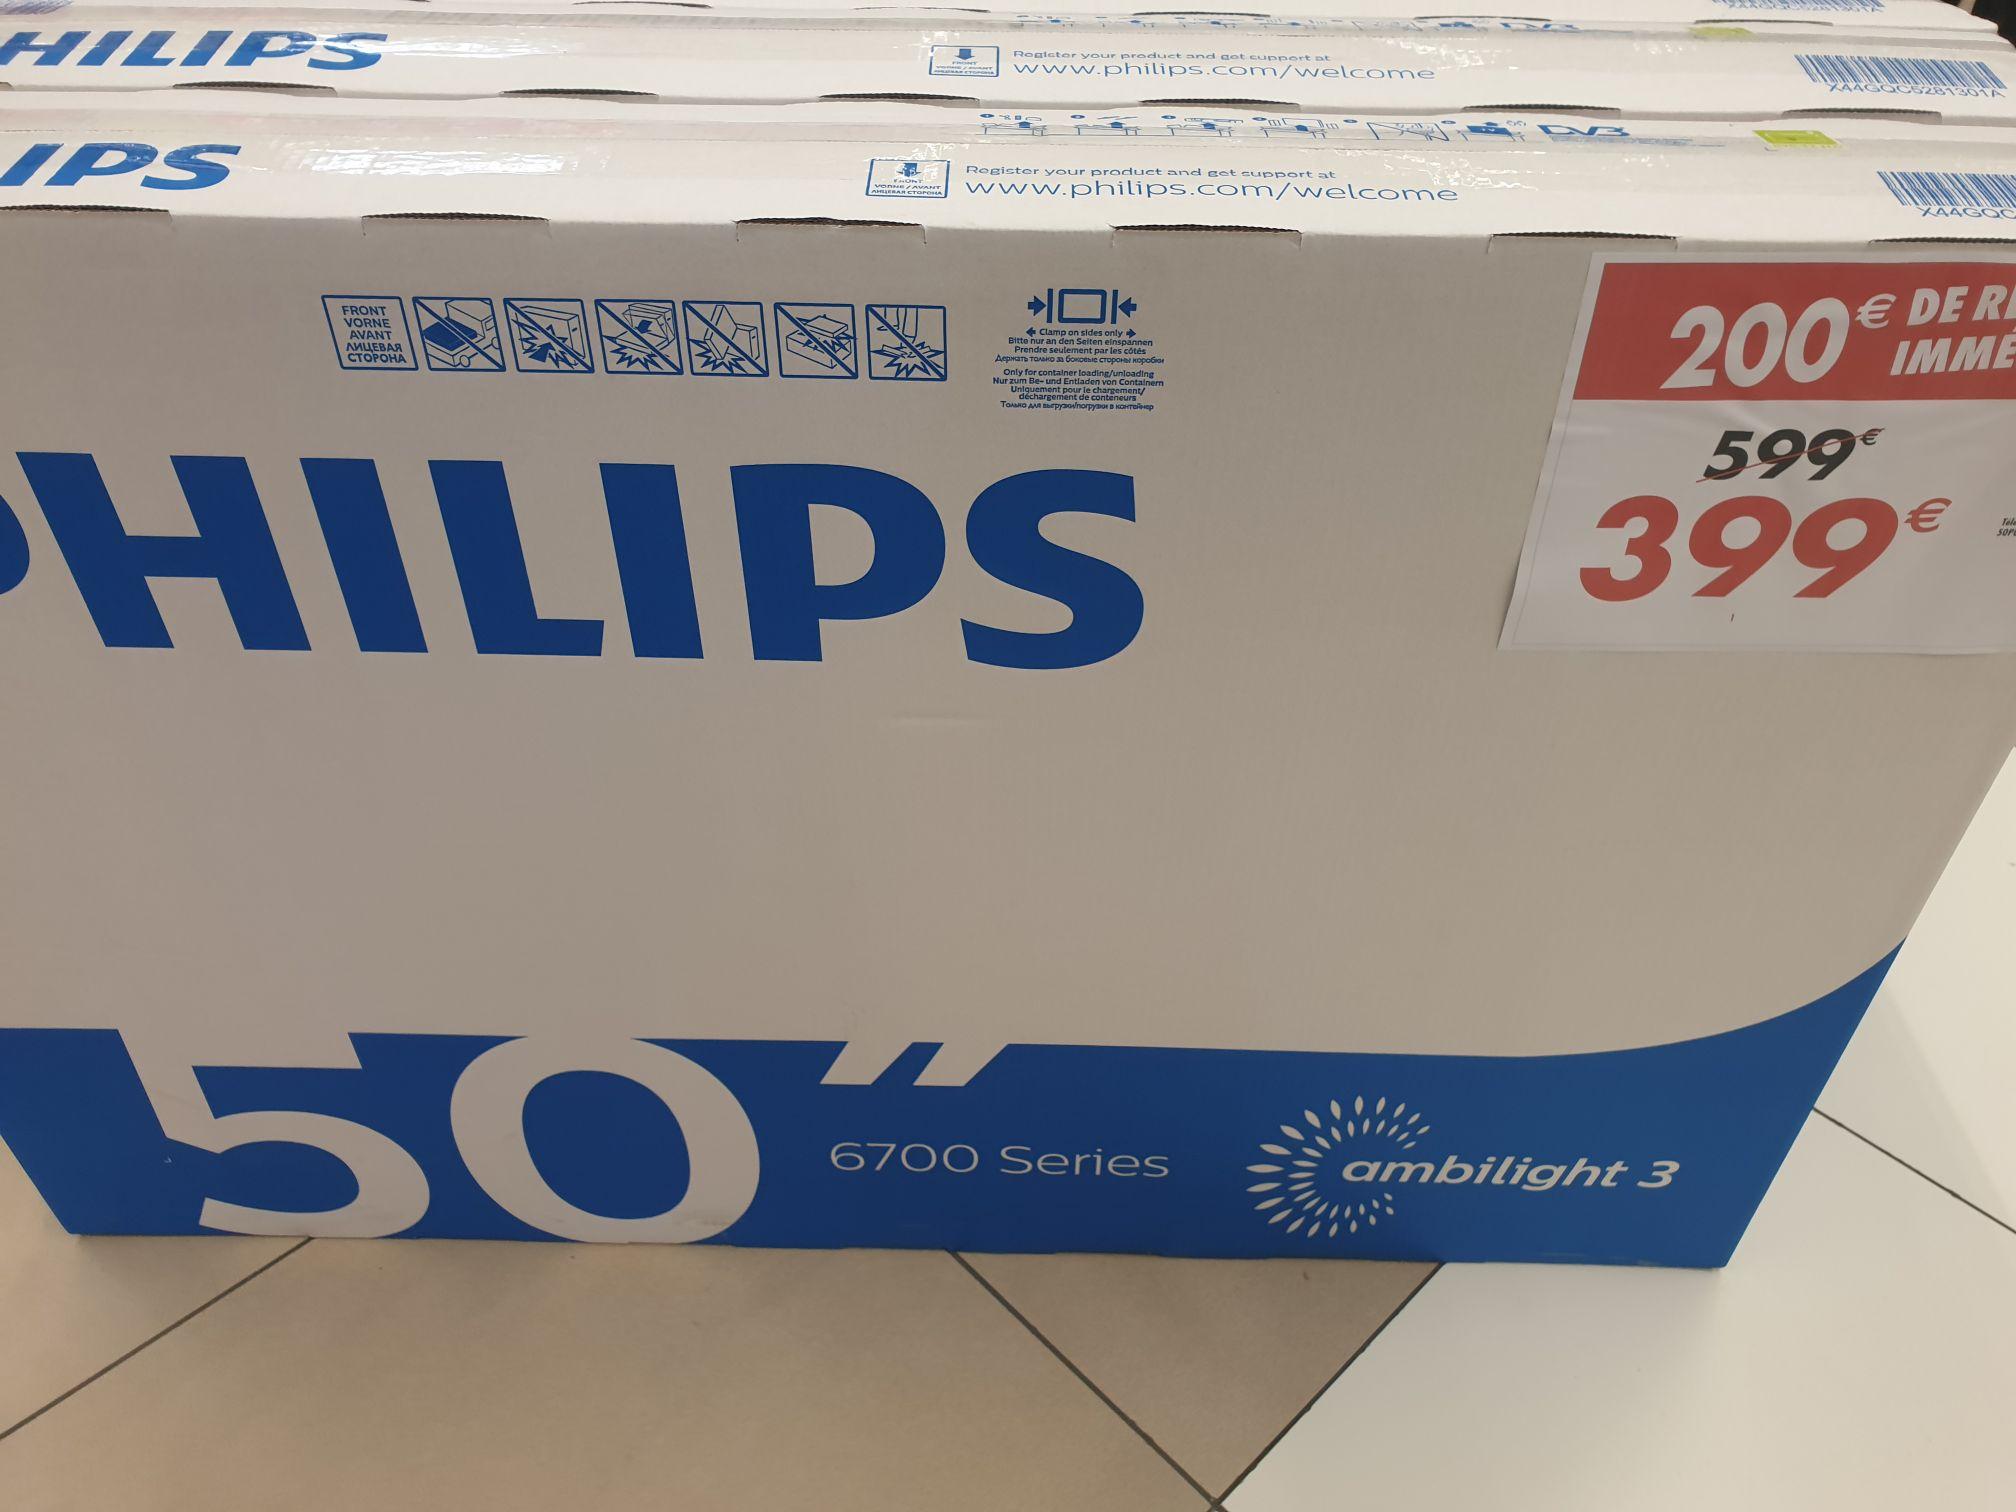 """TV LED 50"""" Philips 50PUS6704/12 Ambilight 3 Côtés - UHD 4K, HDR, Smart TV - Portet-sur-Garonne (31)"""